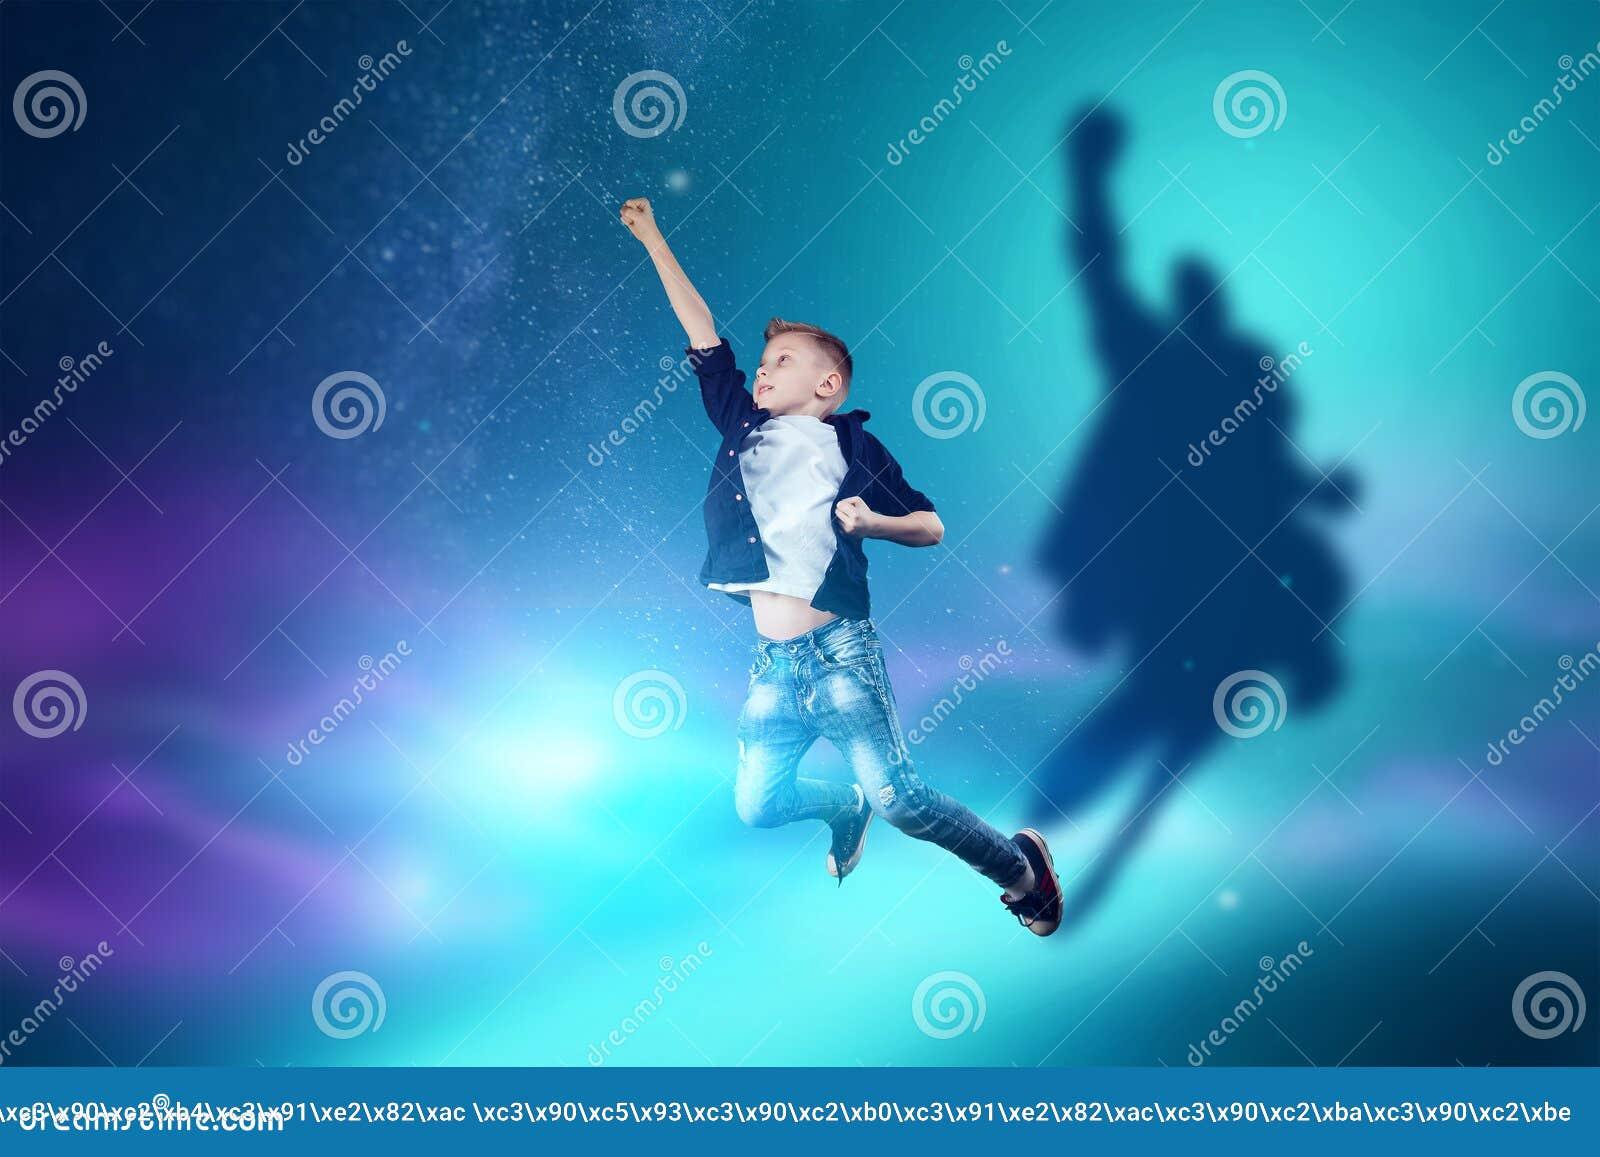 La scelta della professione, il futuro del bambino I sogni del ragazzo di trasformarsi in un superman Professione di concetto, er